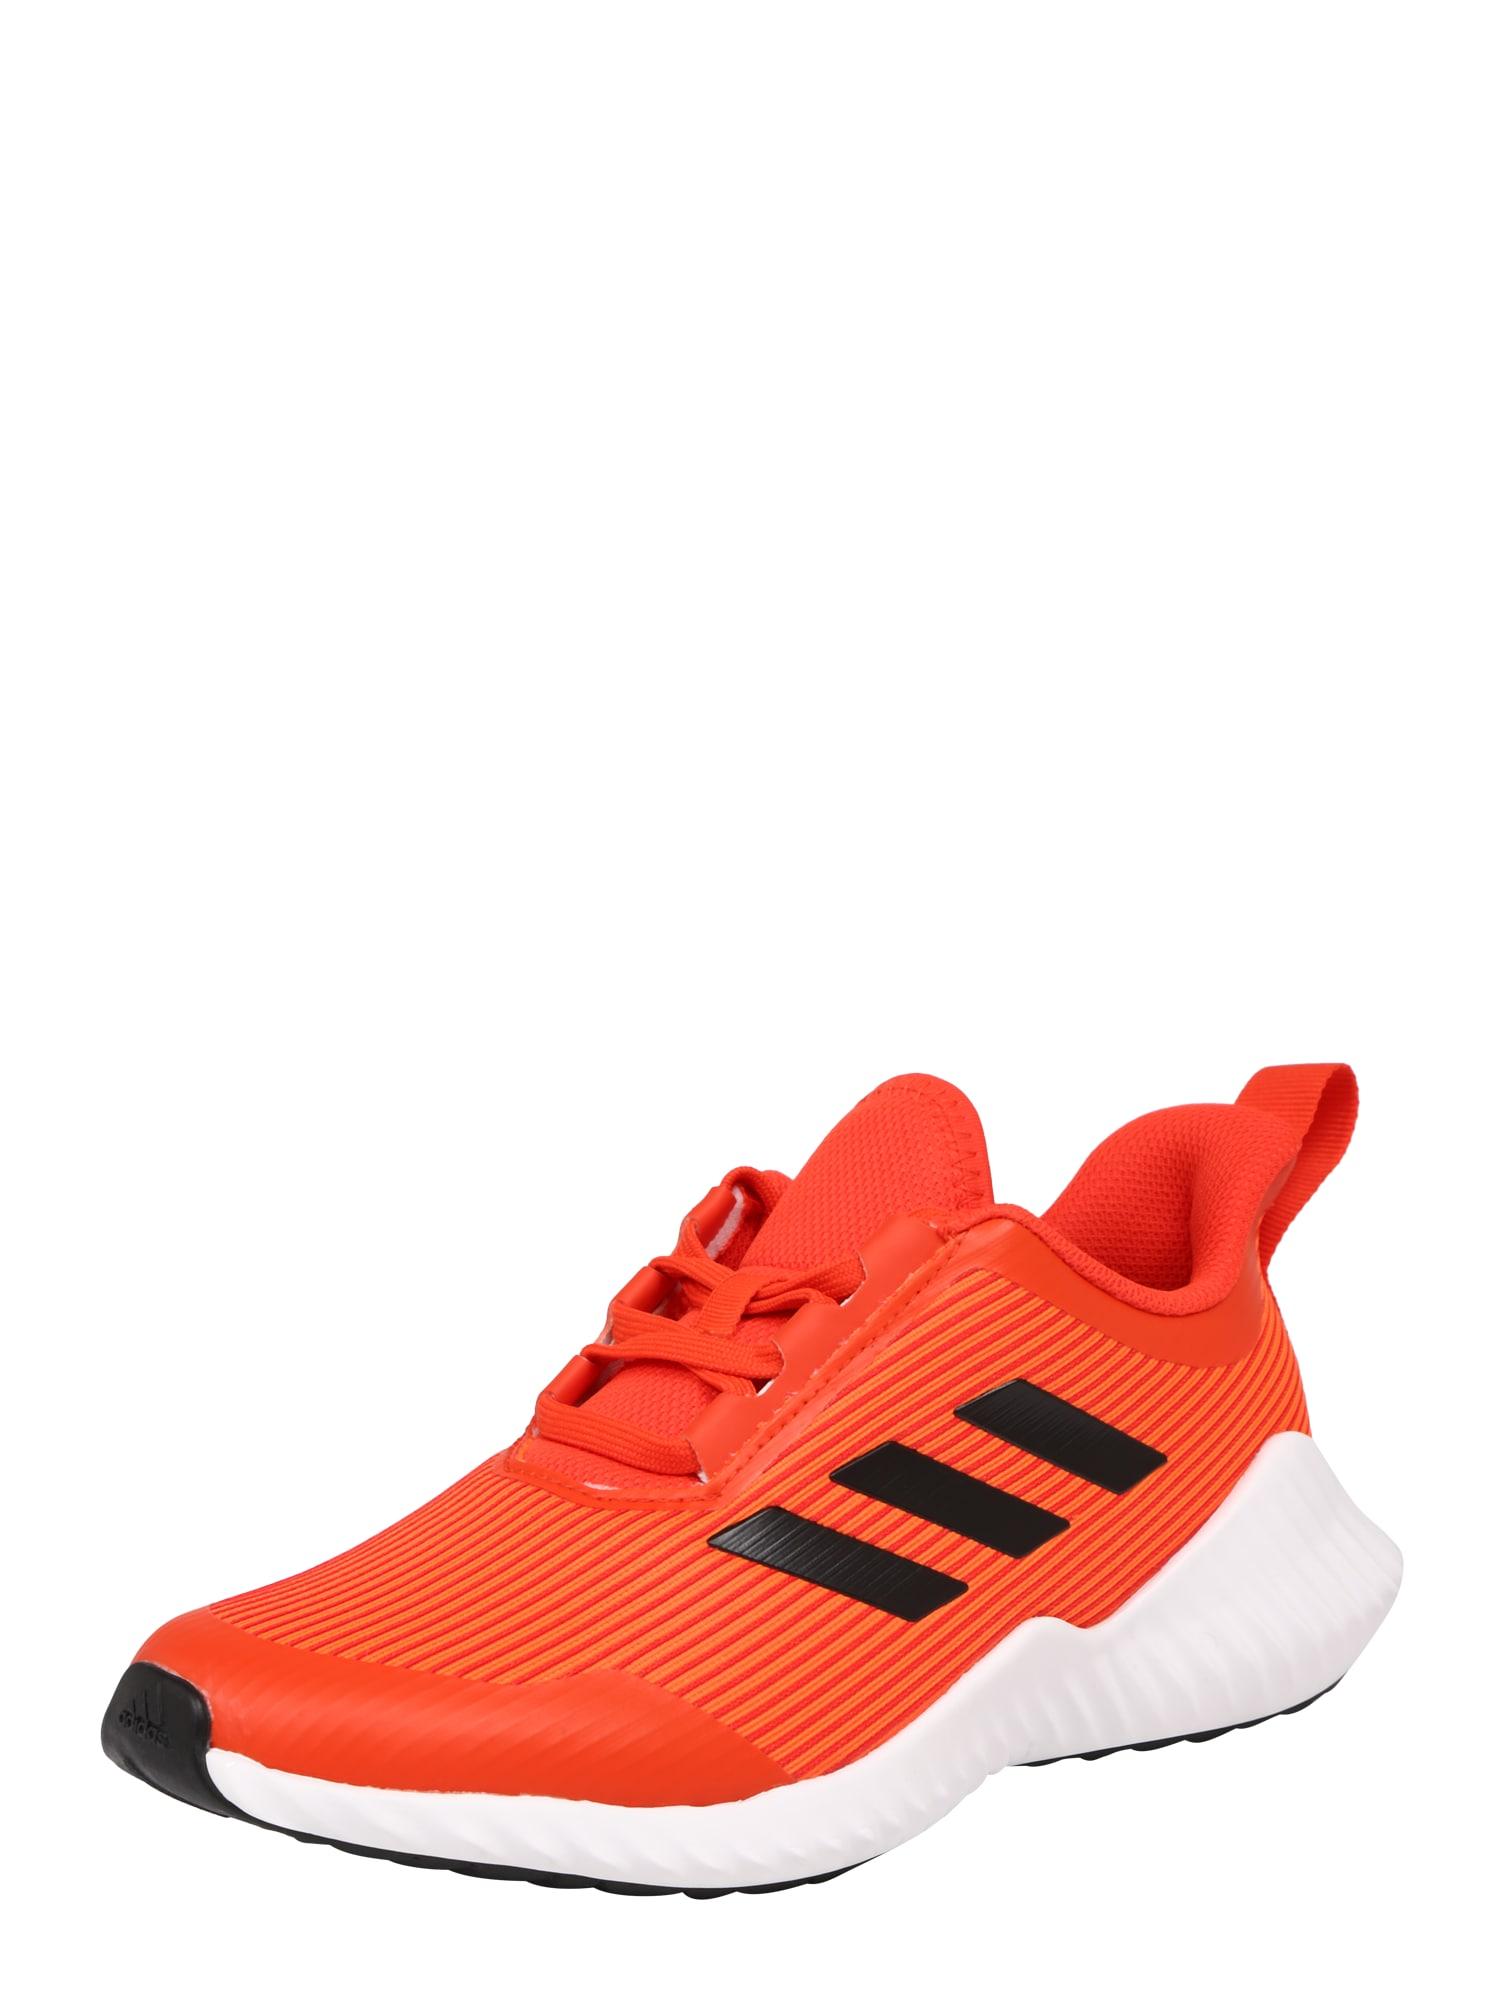 Sportovní boty FortaRun K oranžová černá ADIDAS PERFORMANCE